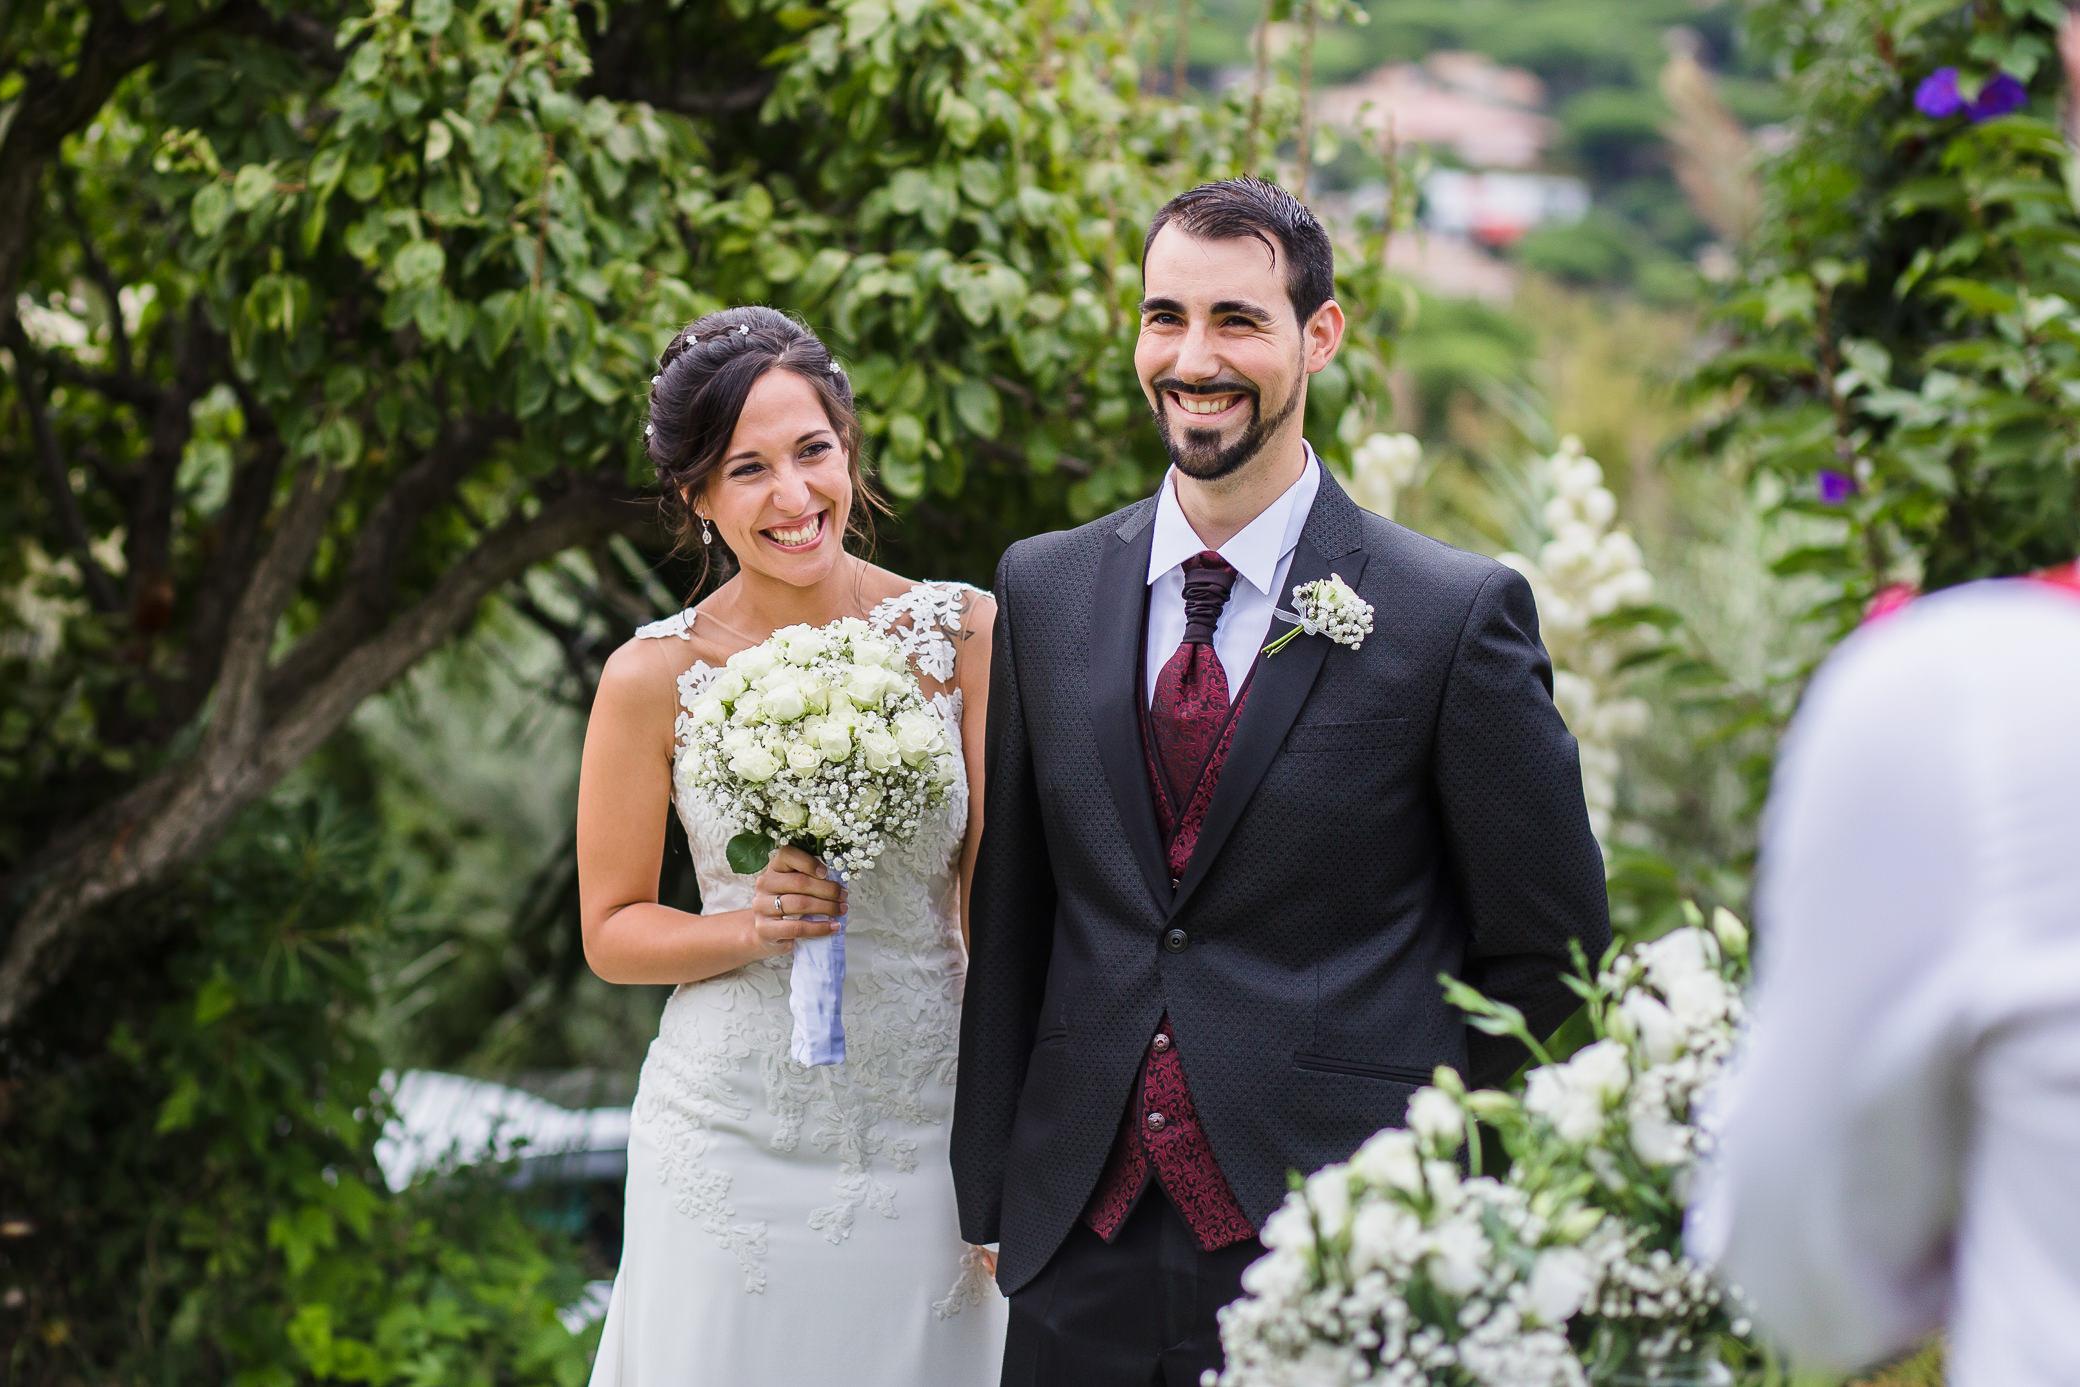 boda-aire-libre-can-tosca-photografeel-37.jpg